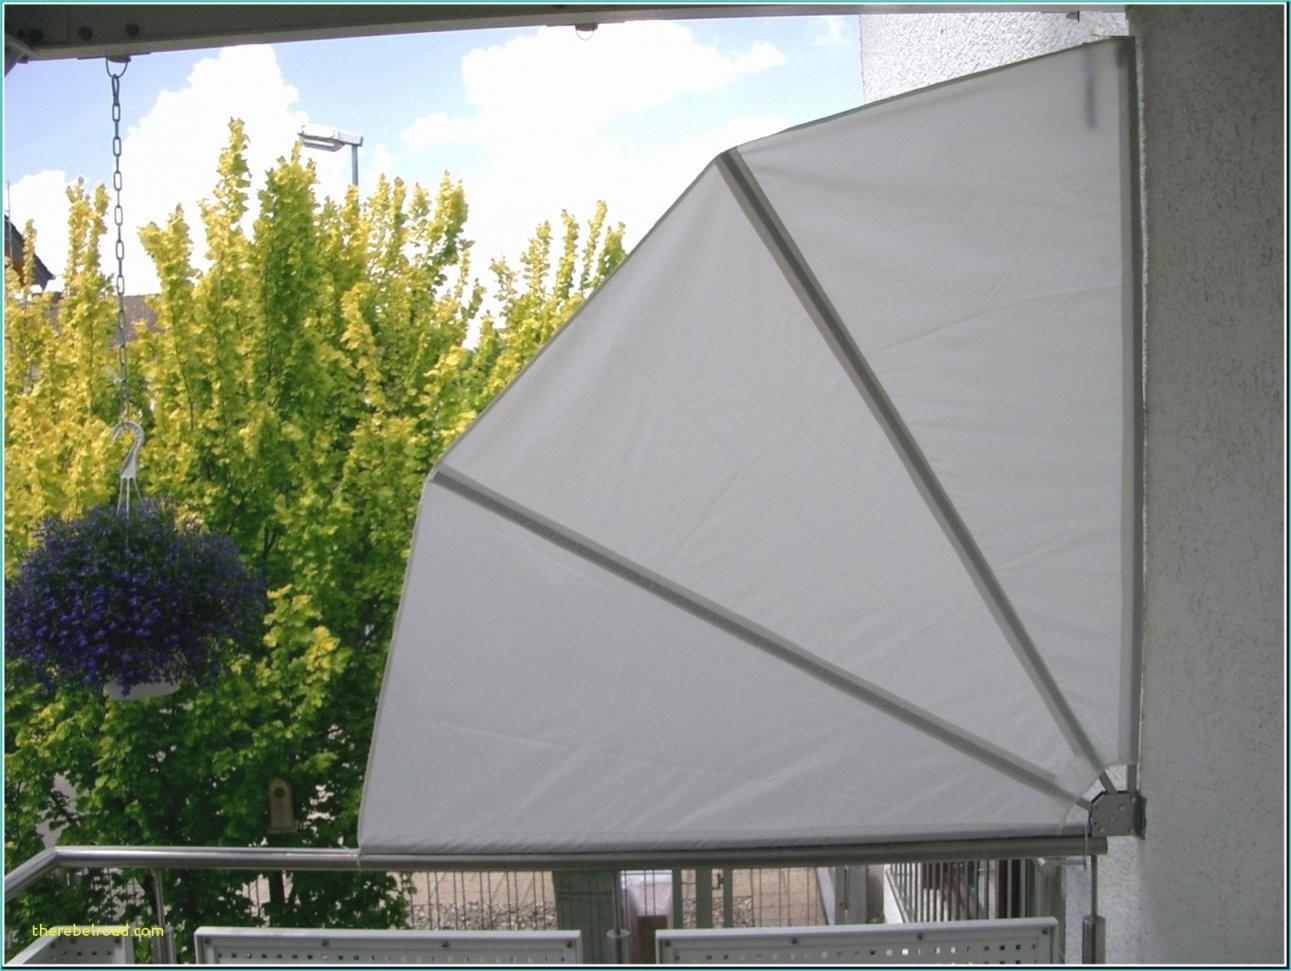 Balkon Markise Ohne Bohren Zum Sichtschutz Balkon Seitlich Ohne Bohren von Balkon Sichtschutz Ohne Bohren Bild